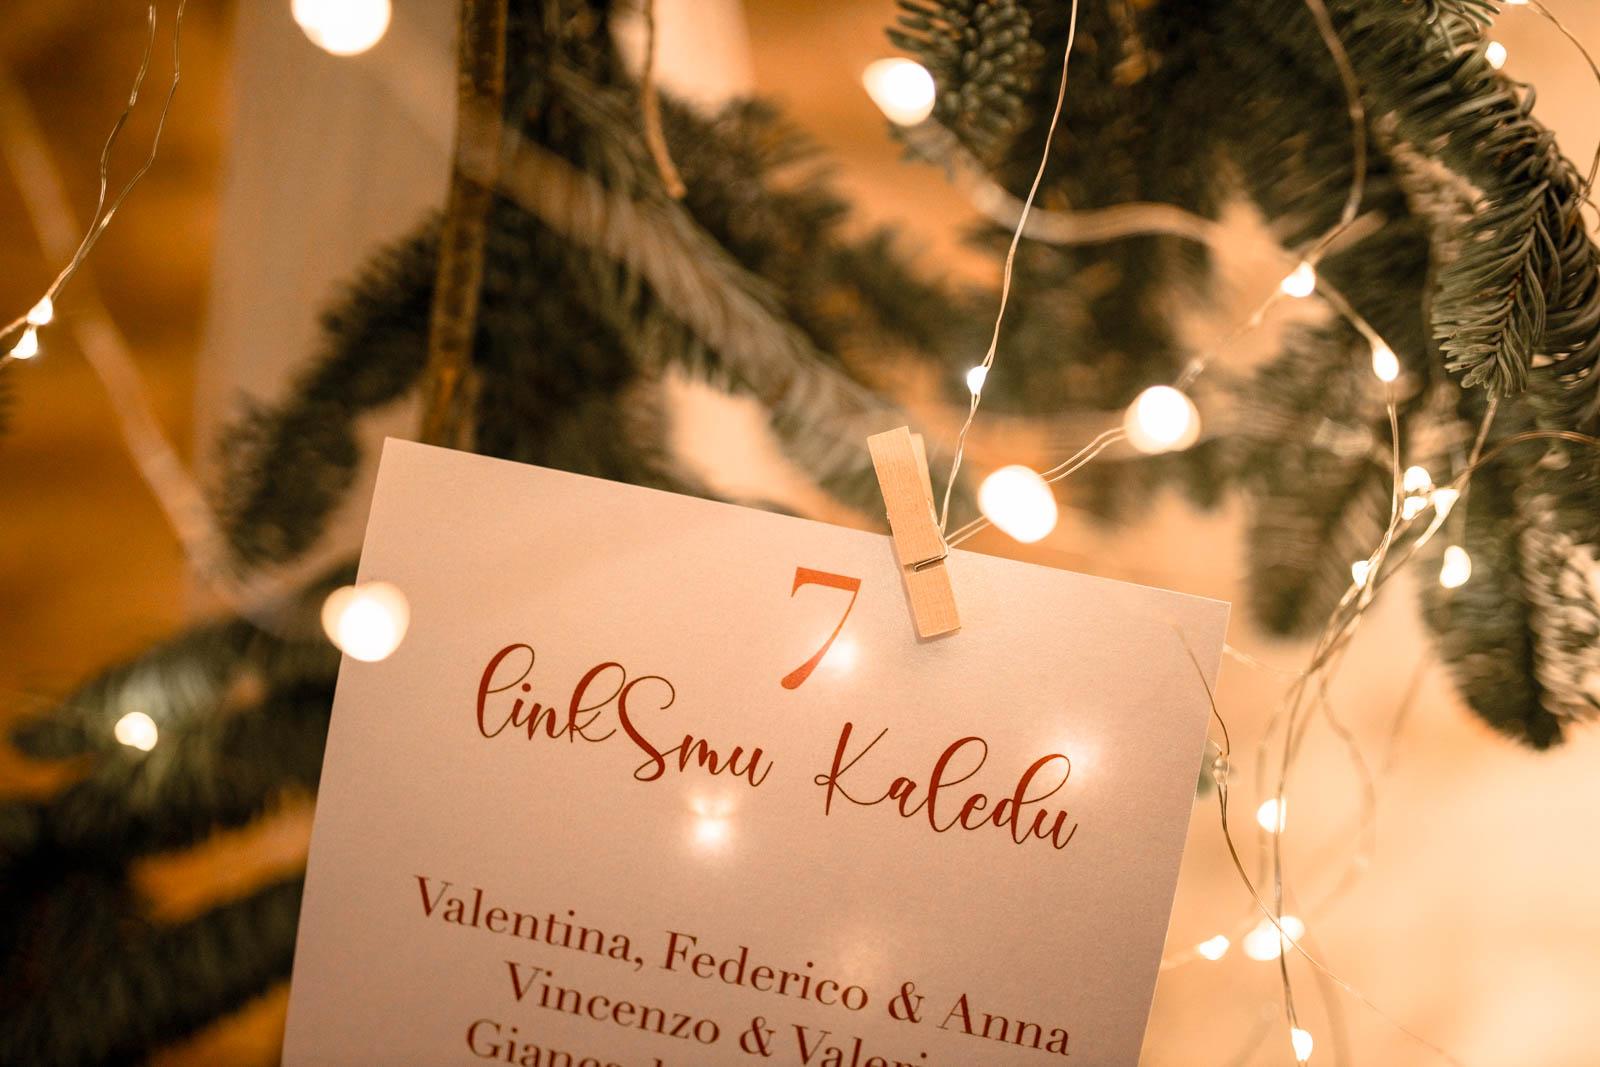 Tableau Natale Grazie Lingue